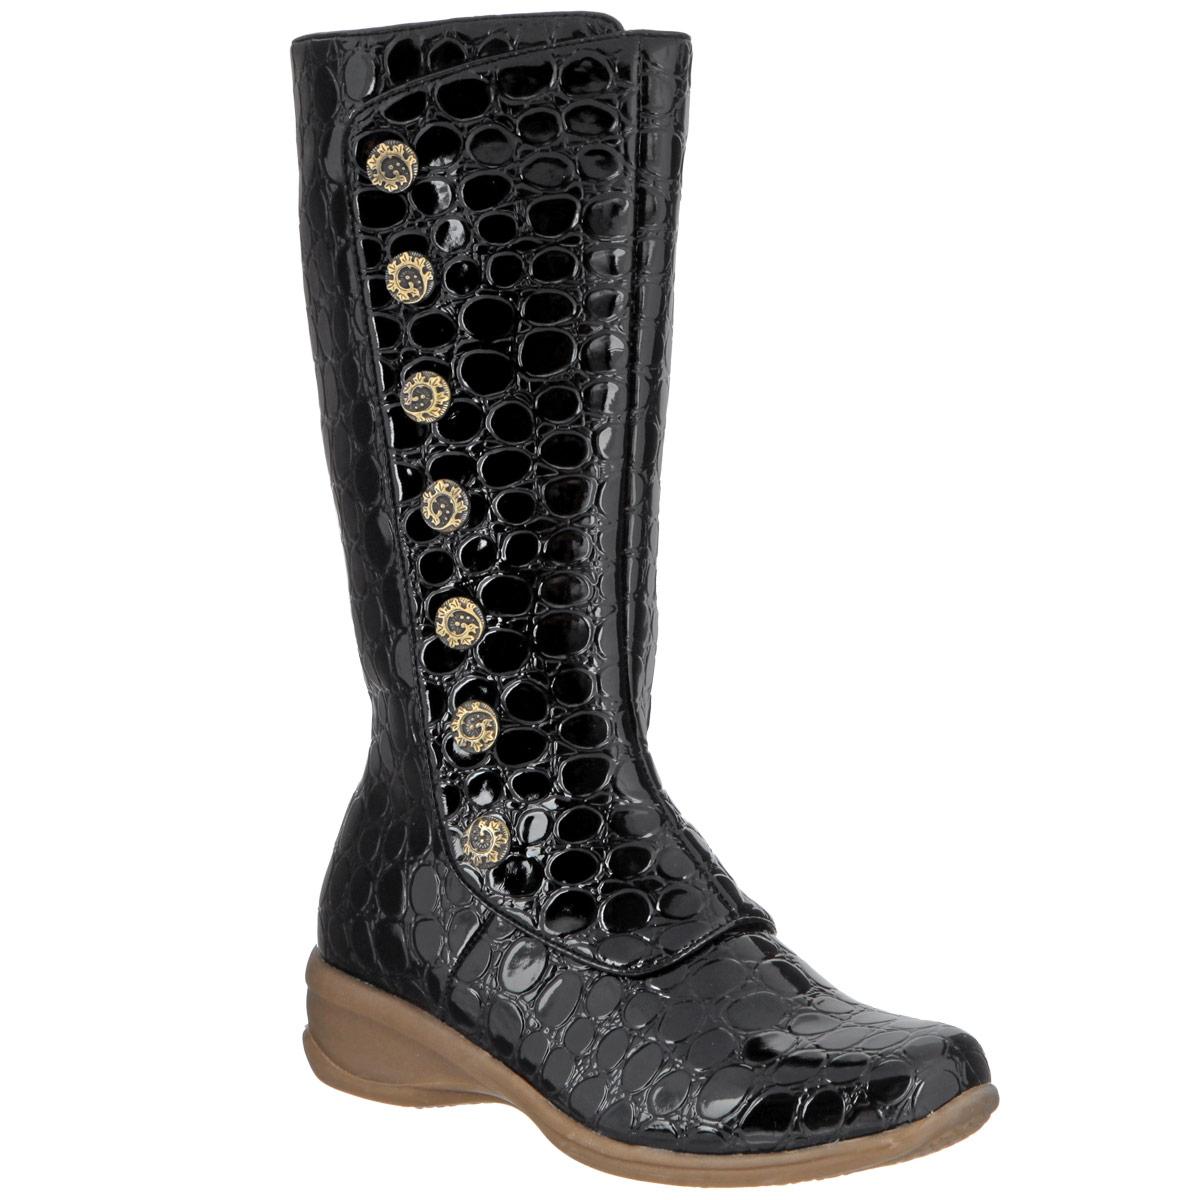 Сапоги для девочки Аллигаша, цвет: черный. 10-73. Размер 34 (33)10-73Стильные теплые сапоги для девочки Аллигаша обеспечат удобство и комфорт ножкам вашей дочурки в прохладную погоду. Сапоги выполнены из лаковой перфорированной экокожи и оформлены декоративными пуговичками по голенищу. Фиксация модели на ноге обеспечивается за счет длинной застежки-молнии, бегунок которой фиксируется хлястиком на липучку. Внутренняя текстильная отделка в клетку и стелька-ЭВА подарят тепло и уют.Невысокая устойчивая танкетка с противоскользящим рифлением гарантирует прекрасное сцепление на любой поверхности. Эти сапожки созданы для настоящих маленьких модниц!